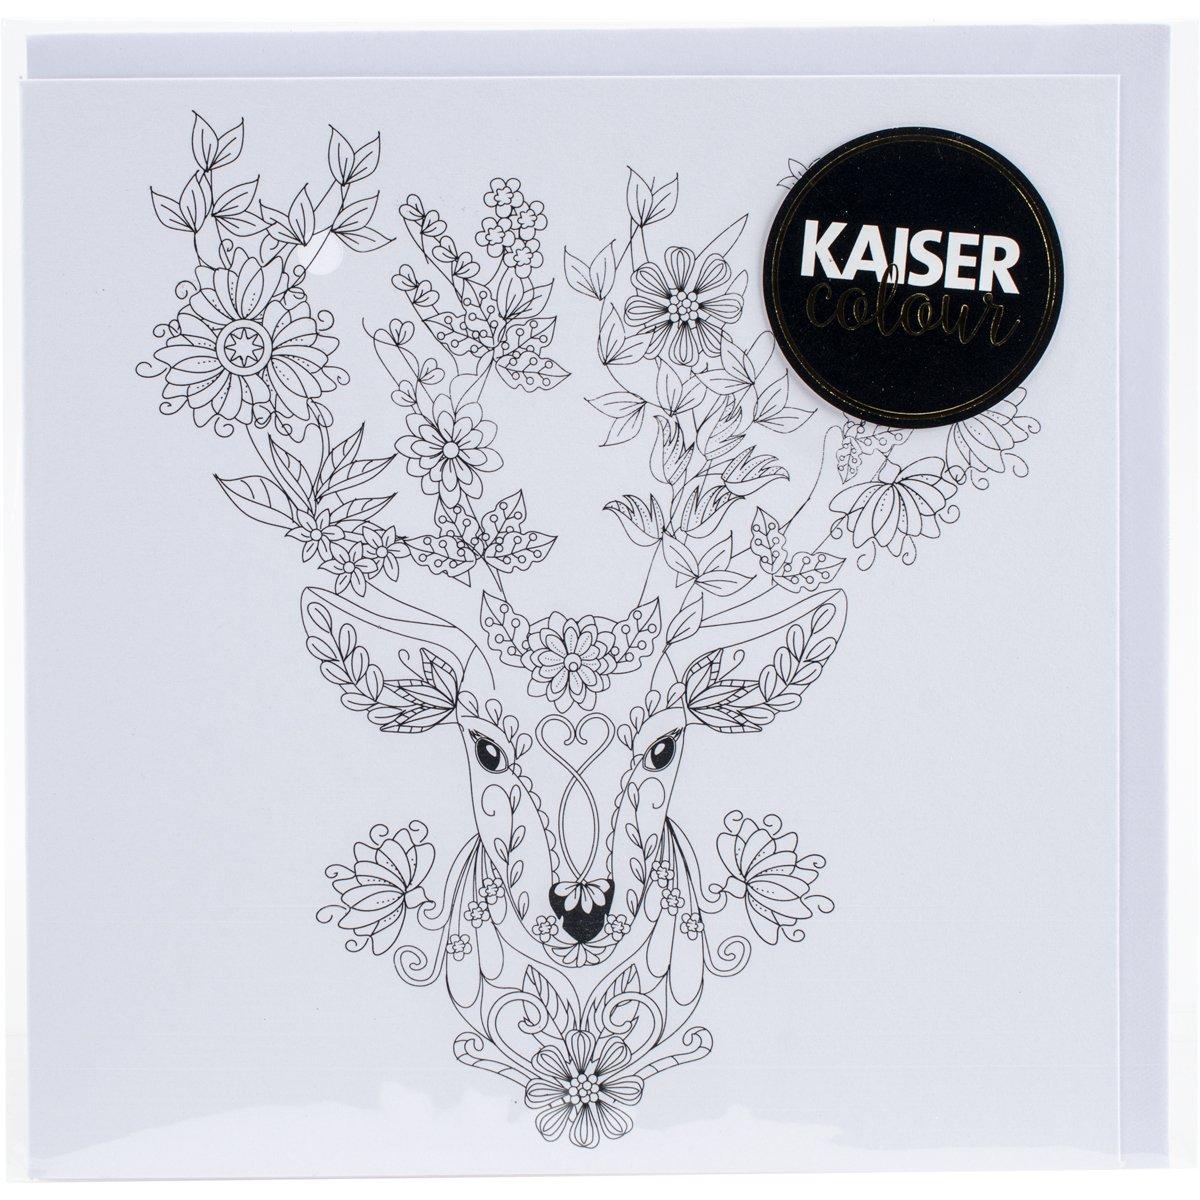 Kaisercraft'Flora Deer KaiserColour Gift Card with Envelope 6' x 6'